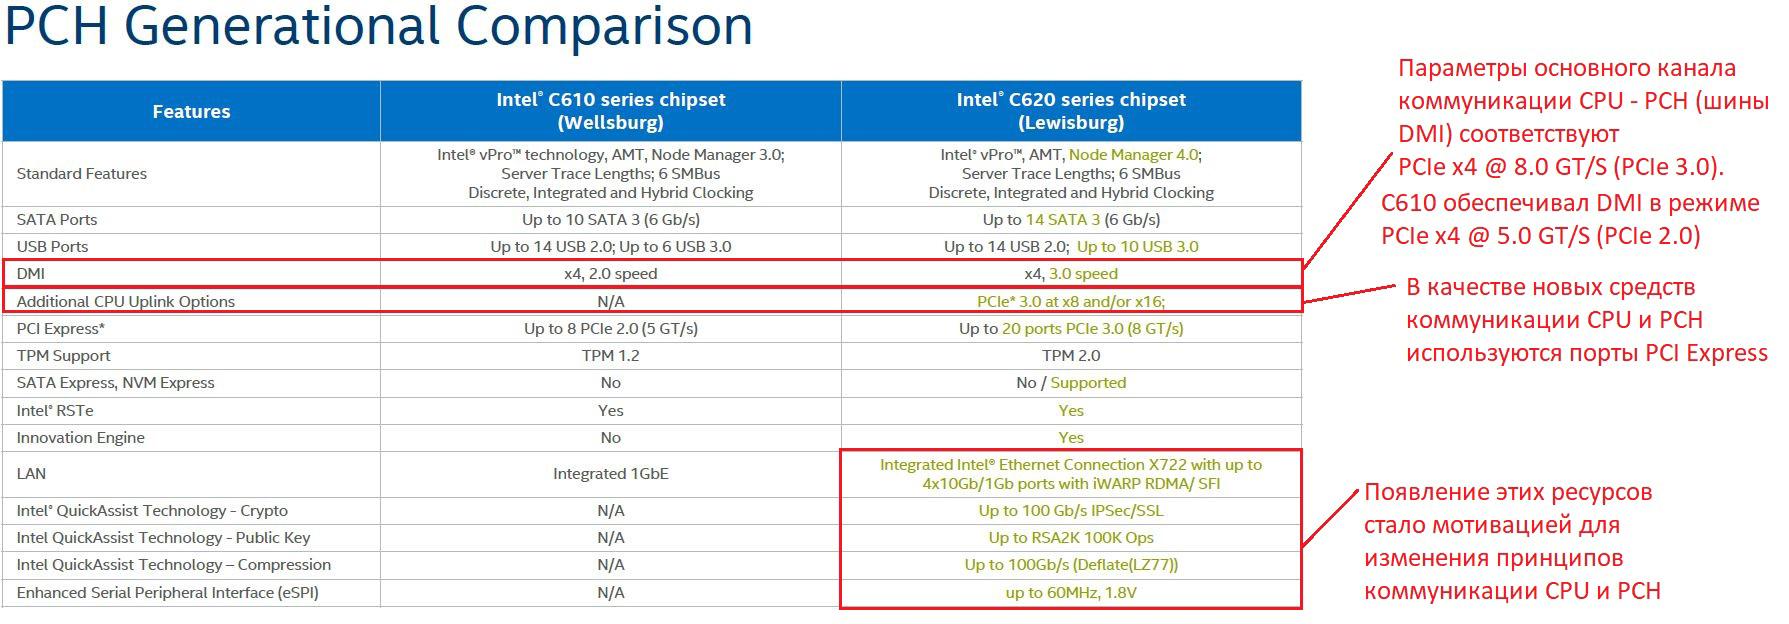 Сравнение функциональности системной логики Intel C610 и C620